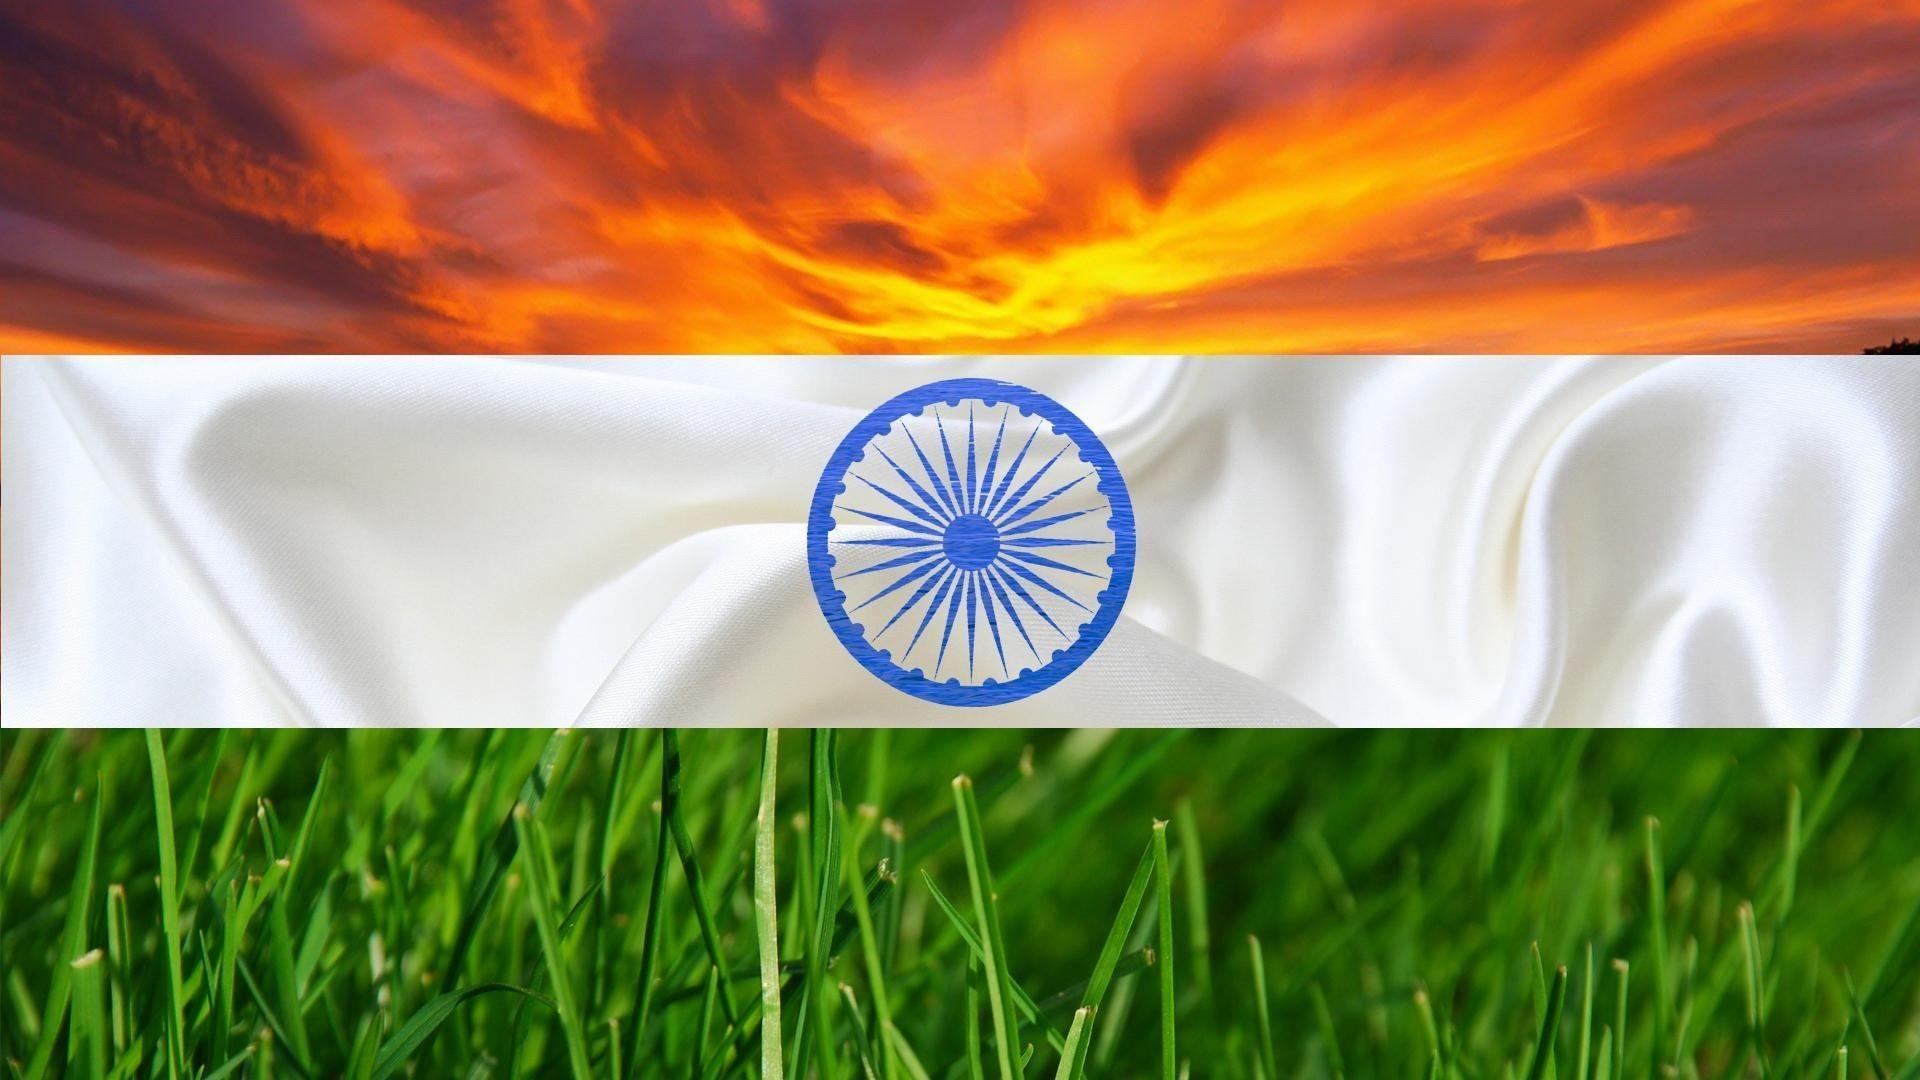 Indian National Flag Wallpaper 3d 69 Images